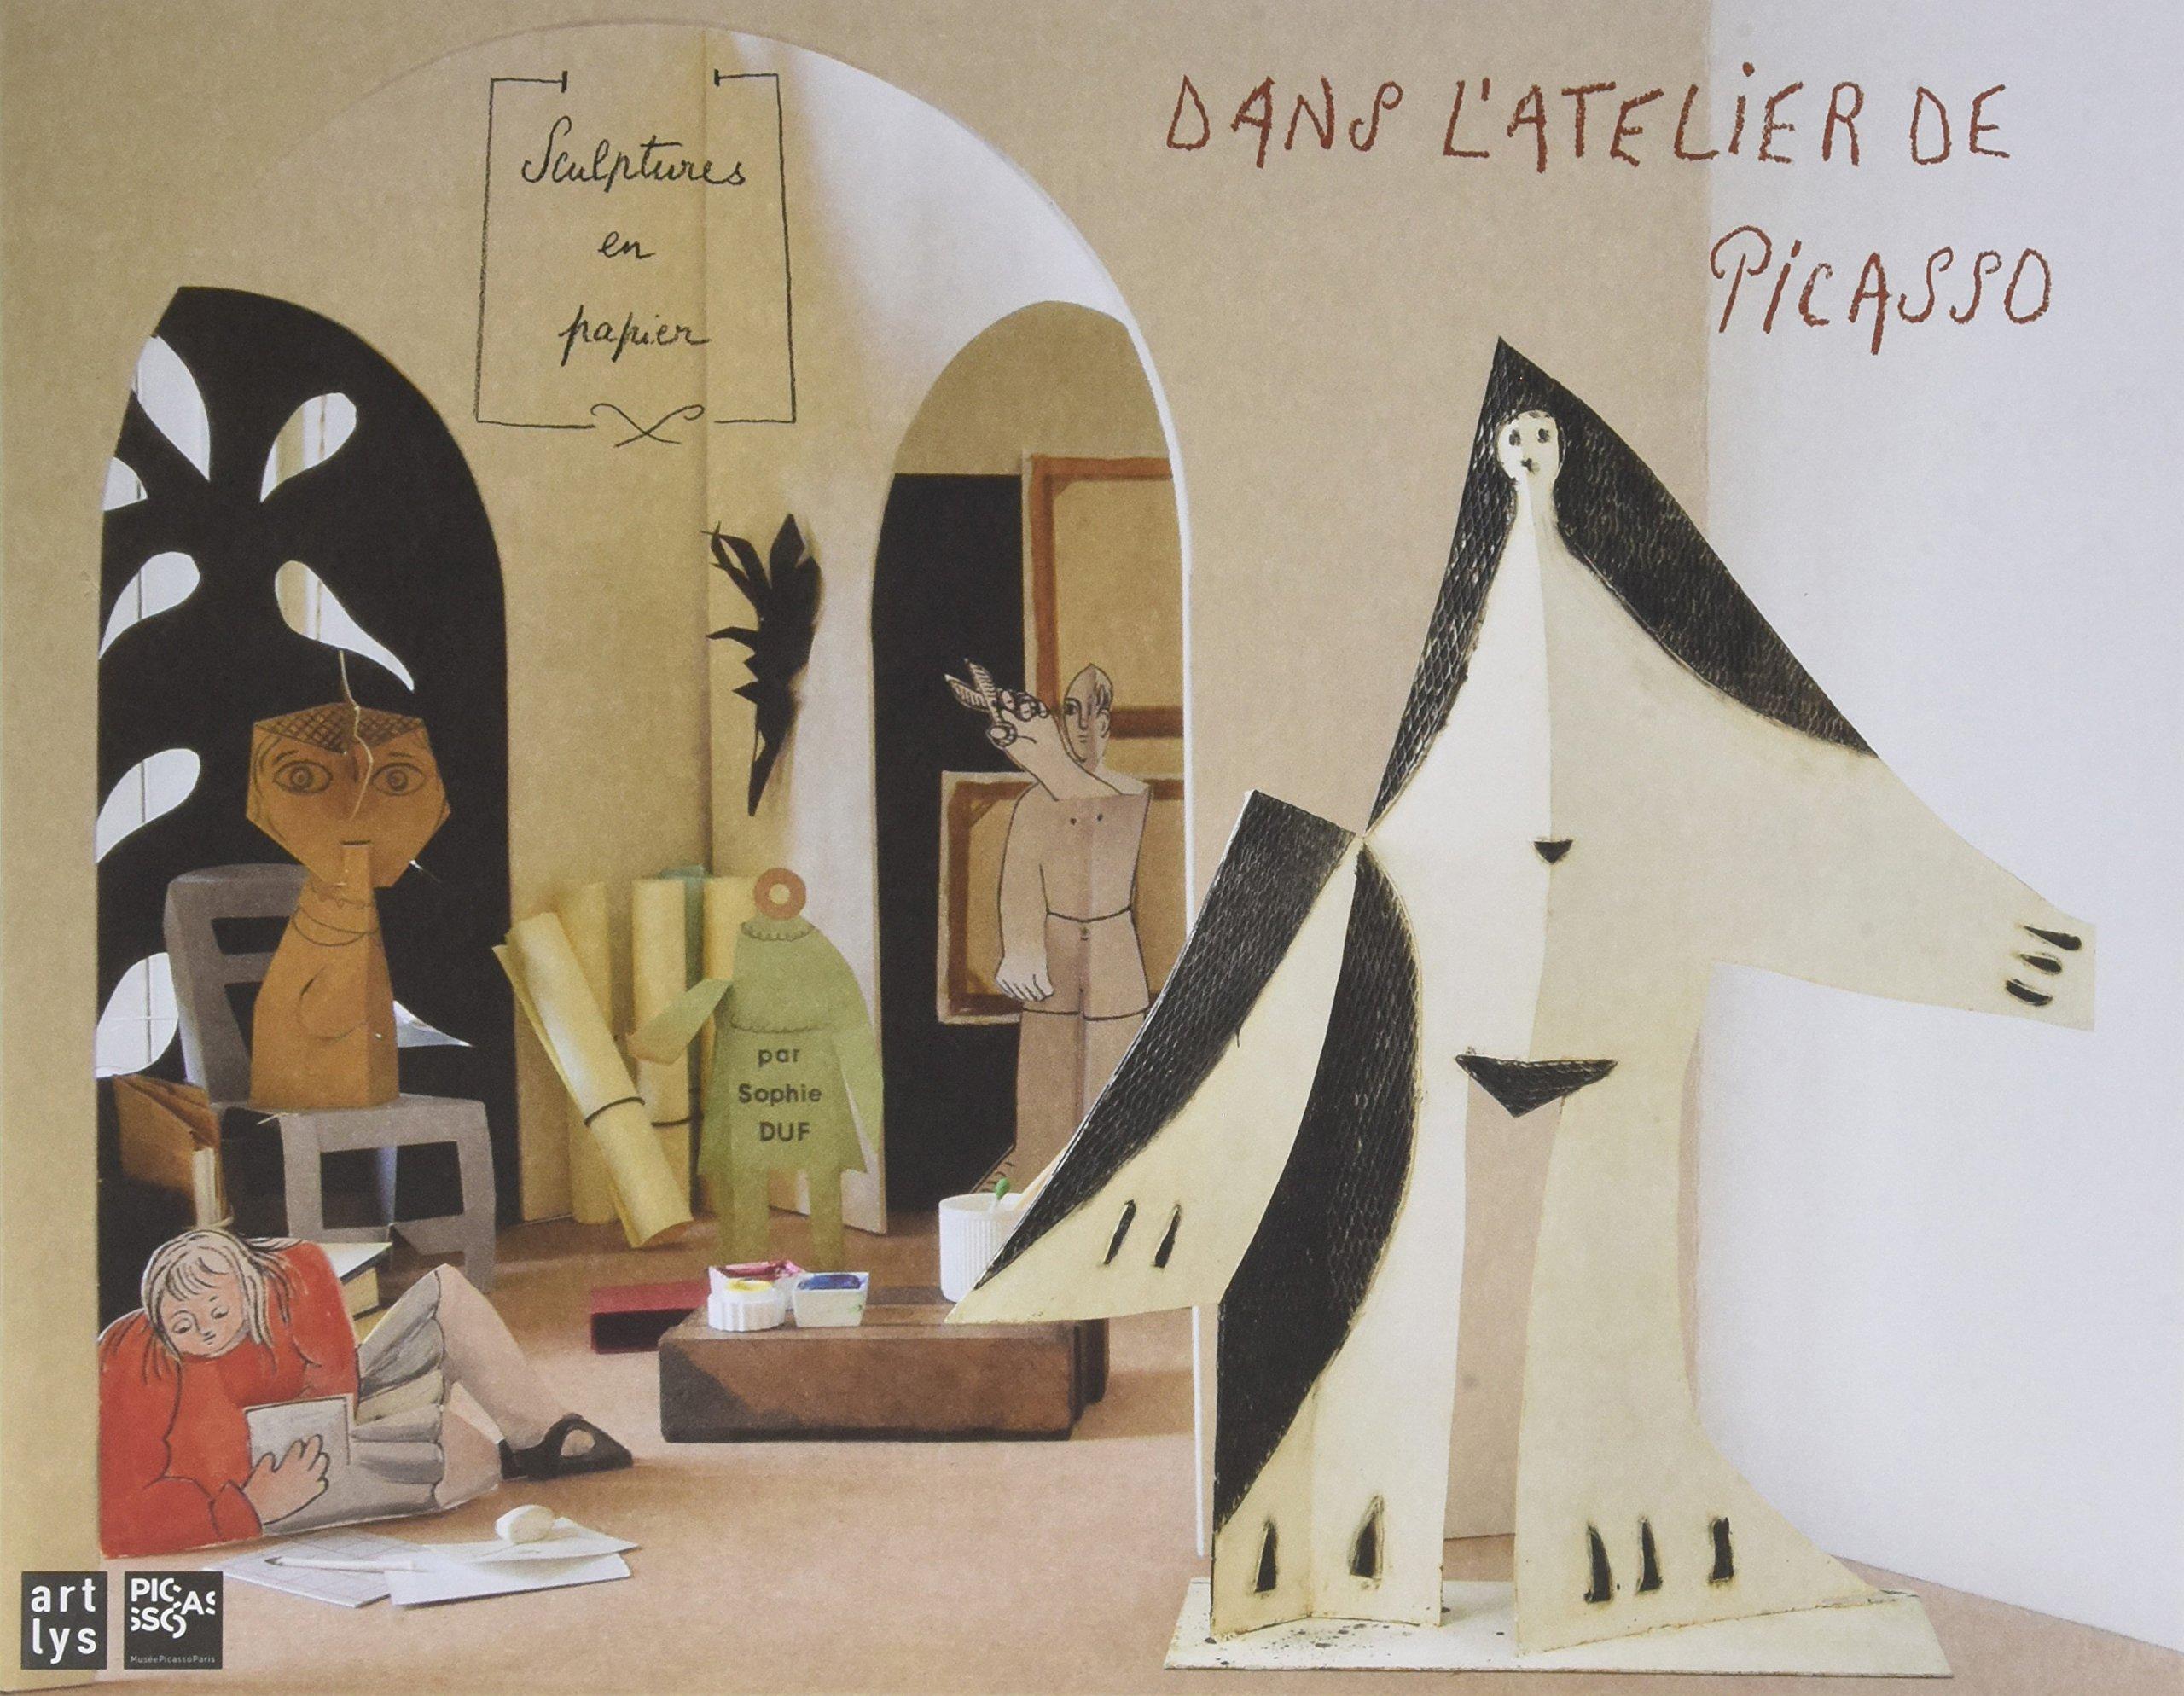 Incroyable dans l'atelier de picasso sculptures en papier: Duf sophie VR-48